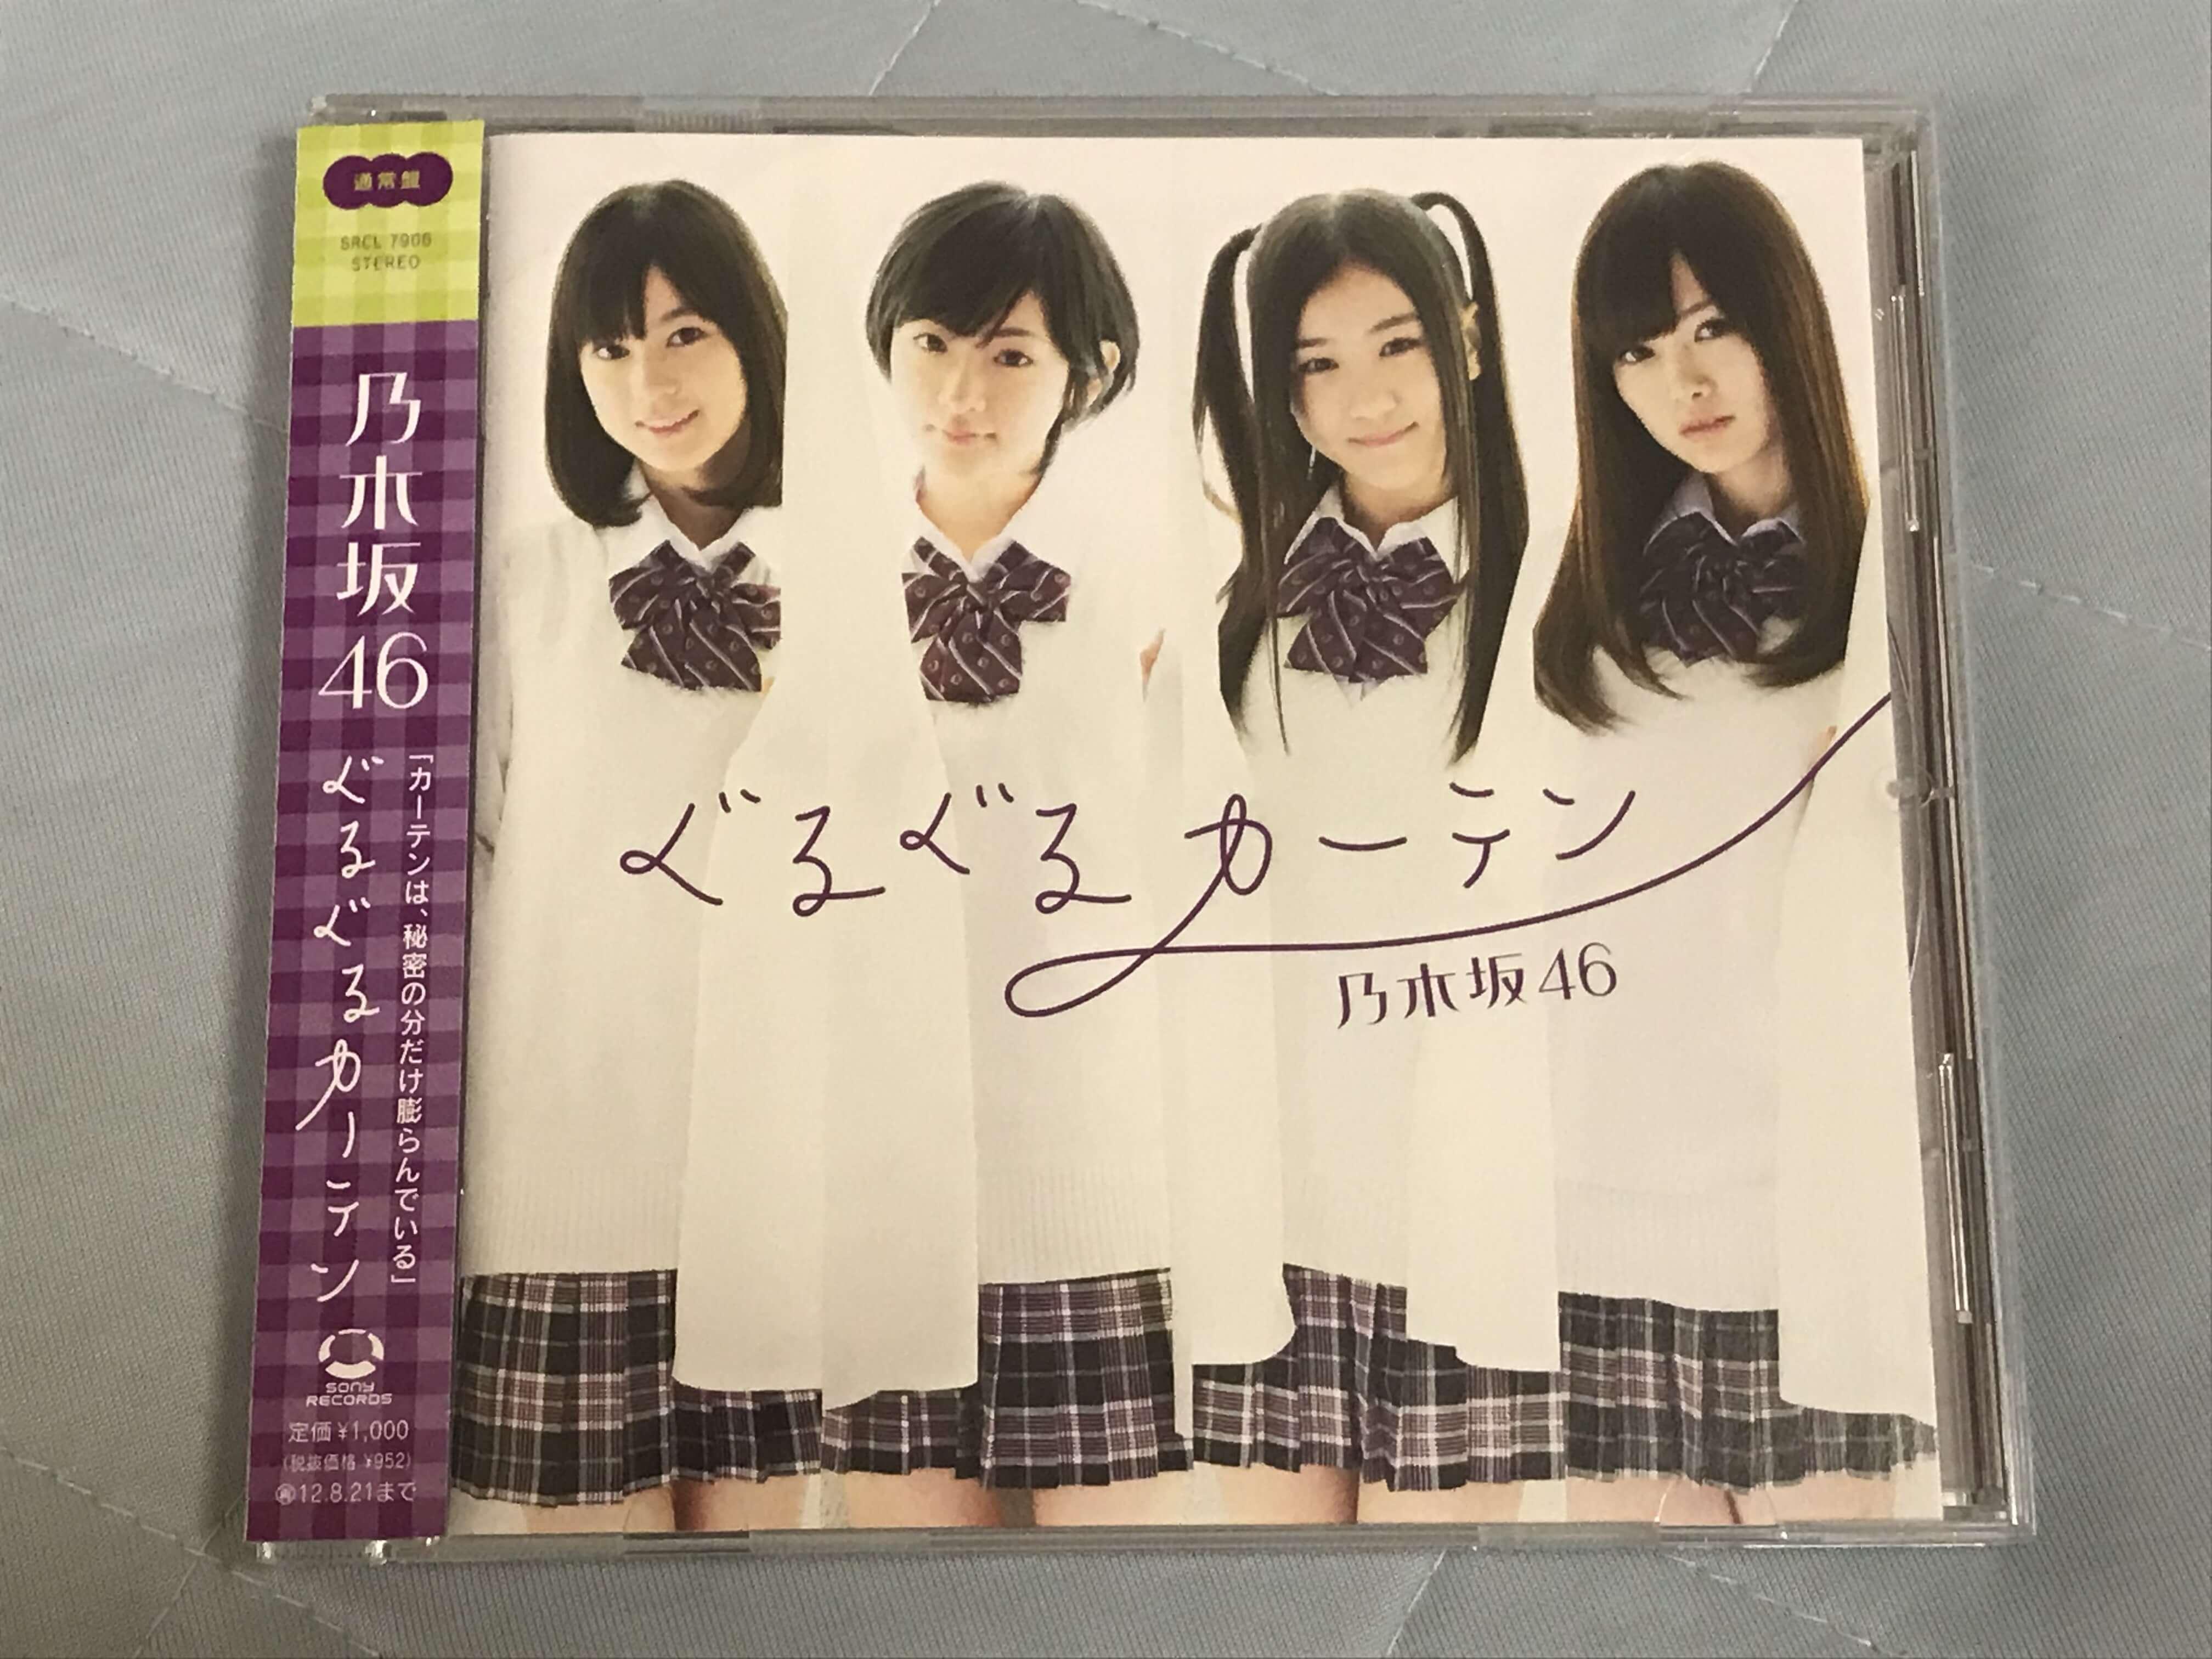 1st single「ぐるぐるカーテン」のすべて!収録曲や特典映像、MV、フォーメーション情報などを紹介!